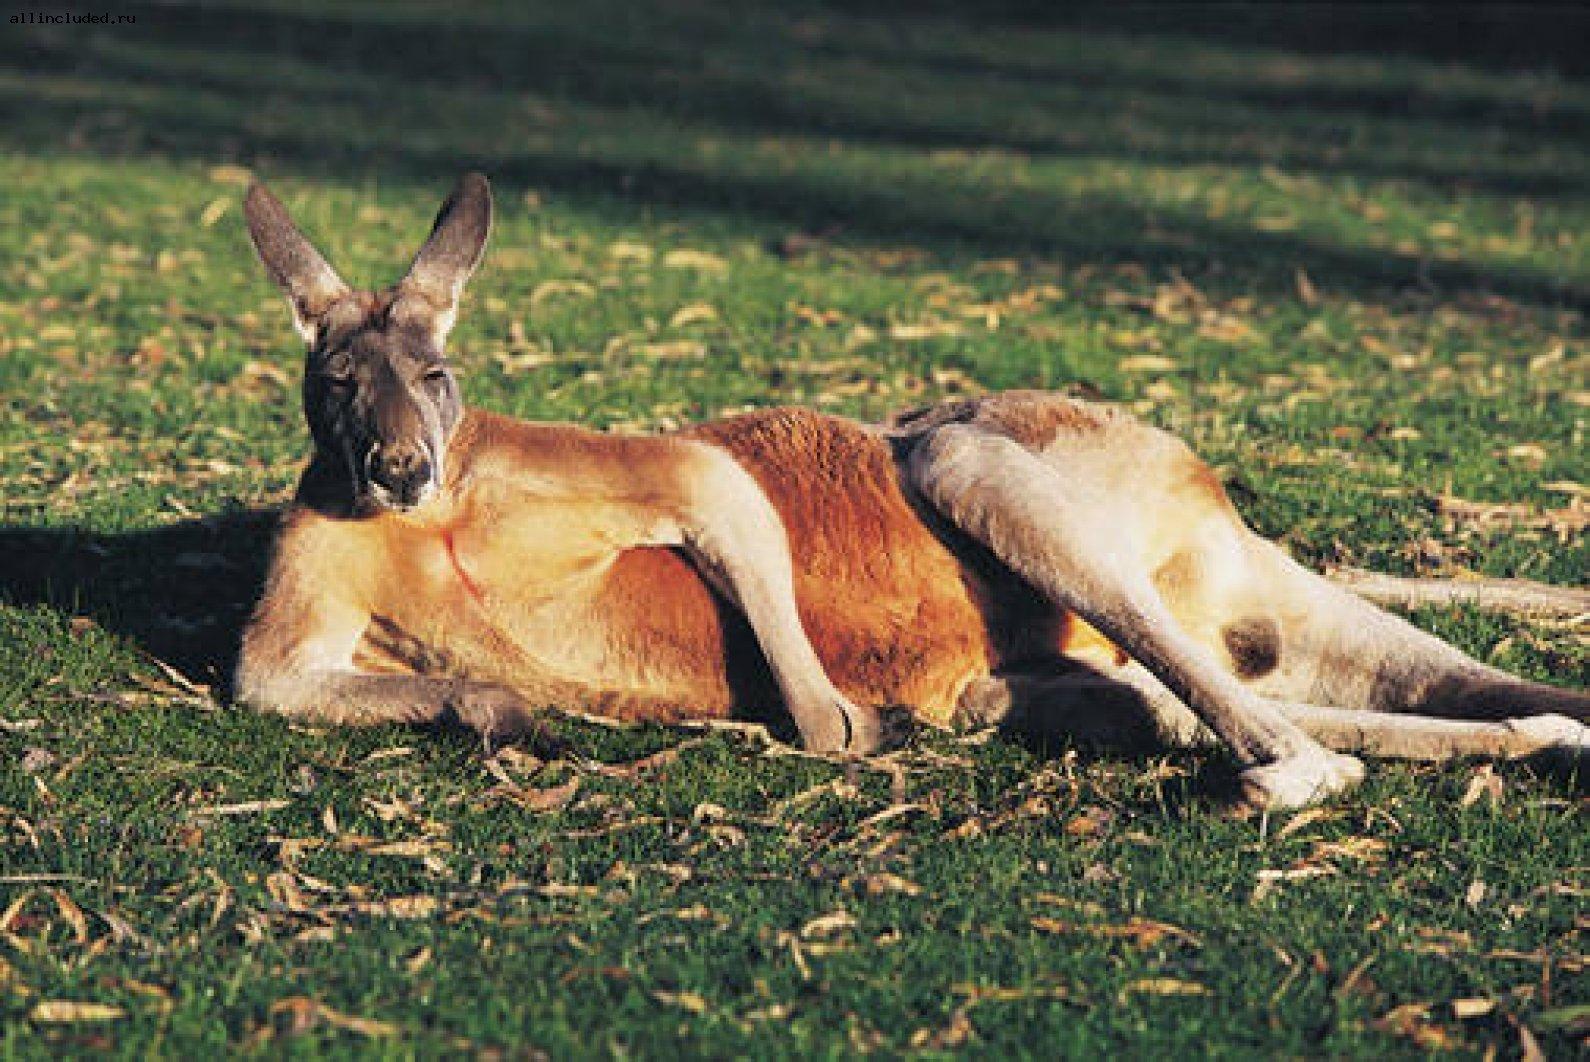 Вступайте в клуб любителей кенгуру! - Изображение 1